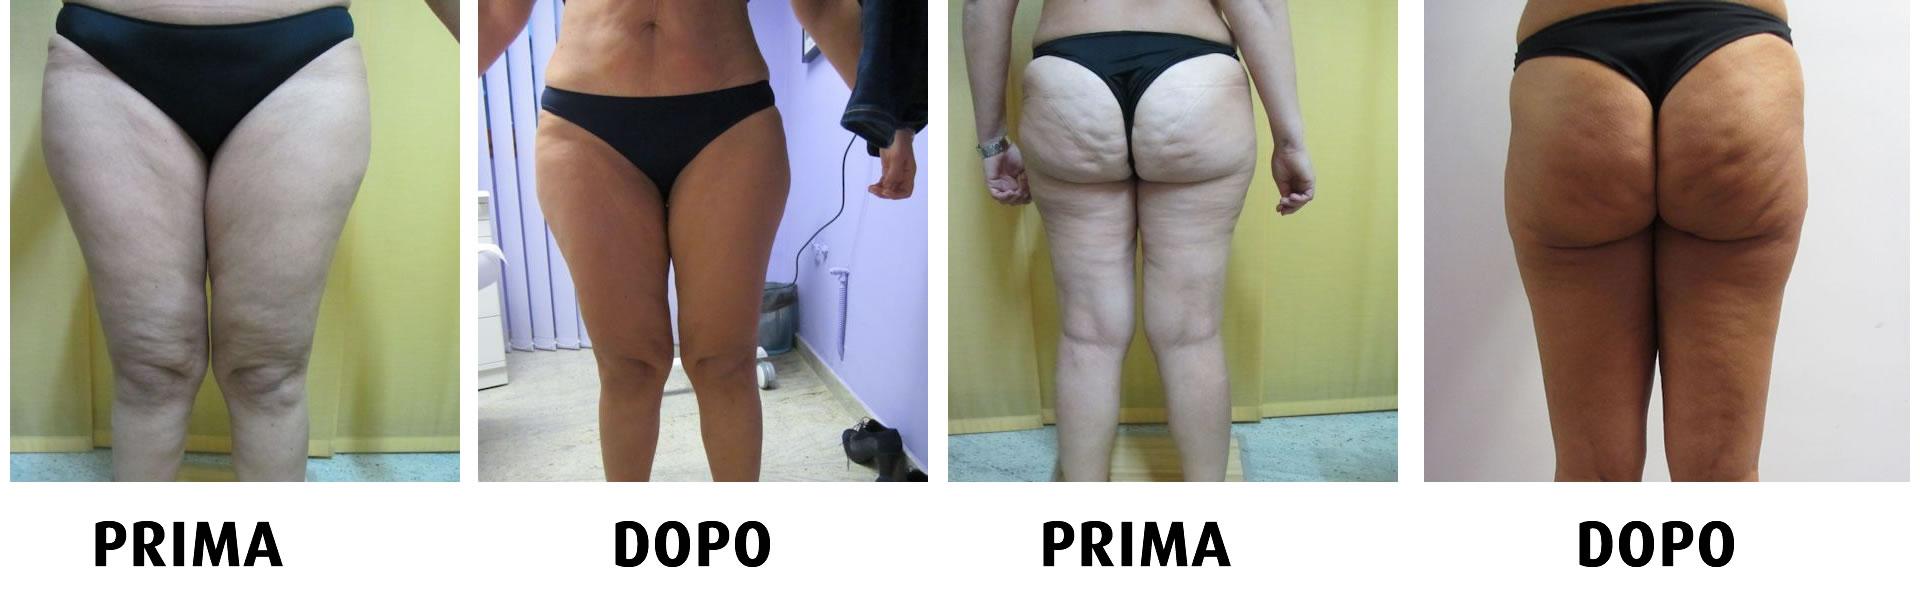 Trattamenti anticellulite, riduzione grasso localizzato a cosenza: rimozione smagliature con carbossiterapia